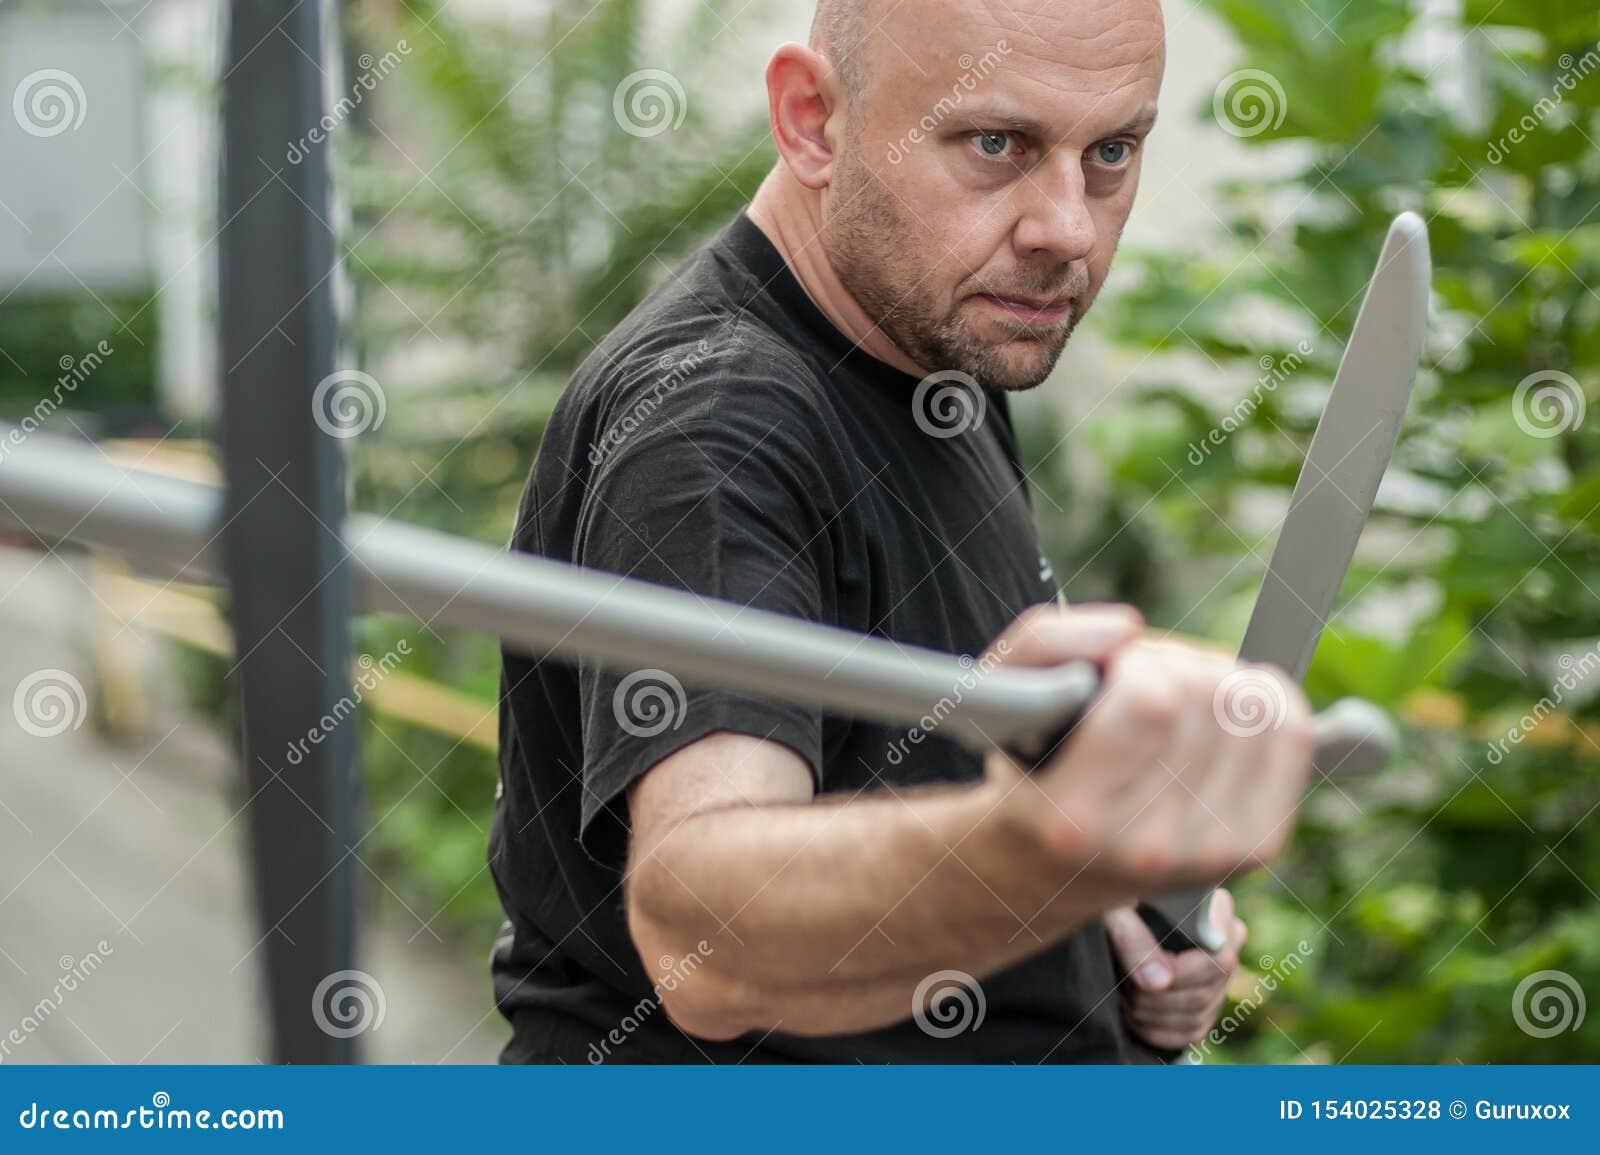 Eskrima и инструктор kapap демонстрируют метод оружия мачете воюя